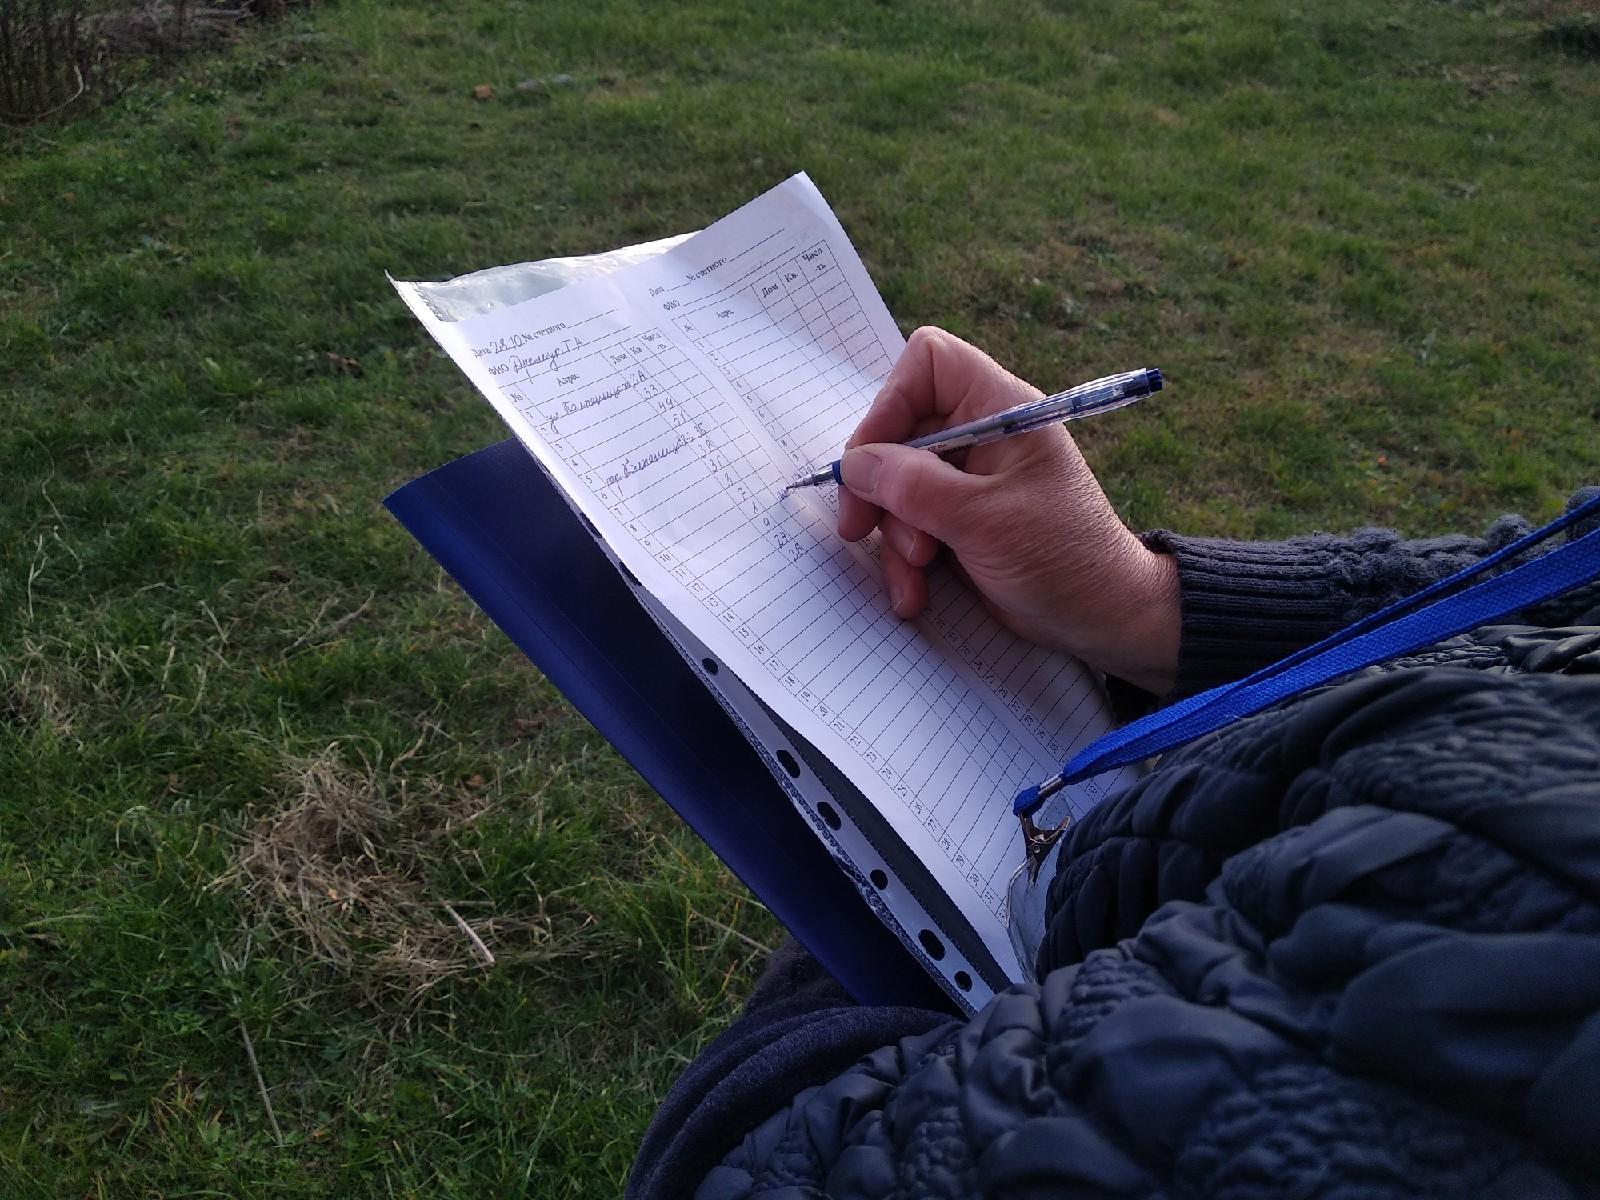 Переписчик ставит точку напротив адреса с уведомлением. Фото: Ирина Комик